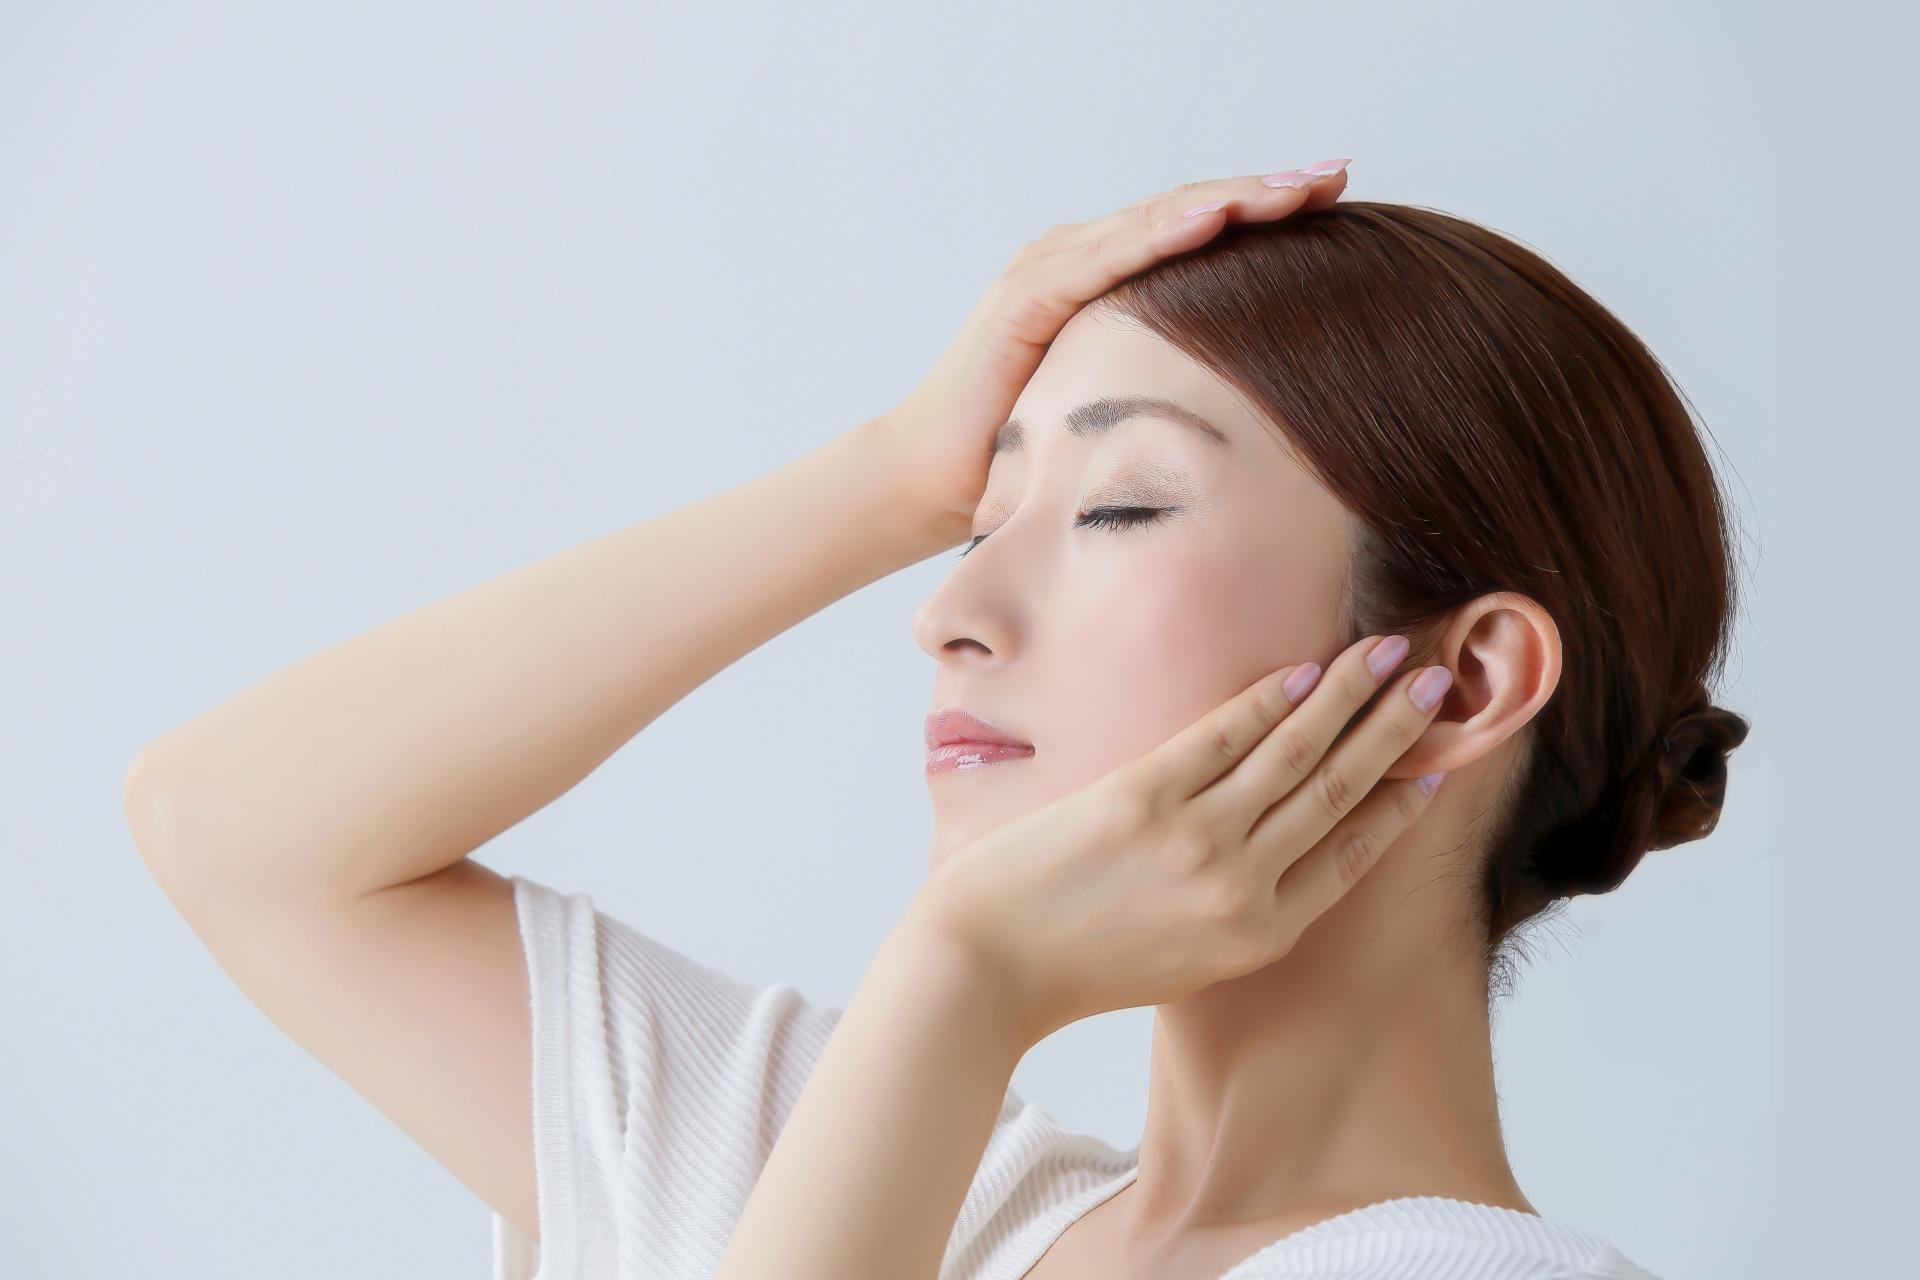 顔のエラが張る原因や、なくす方法をご紹介します!